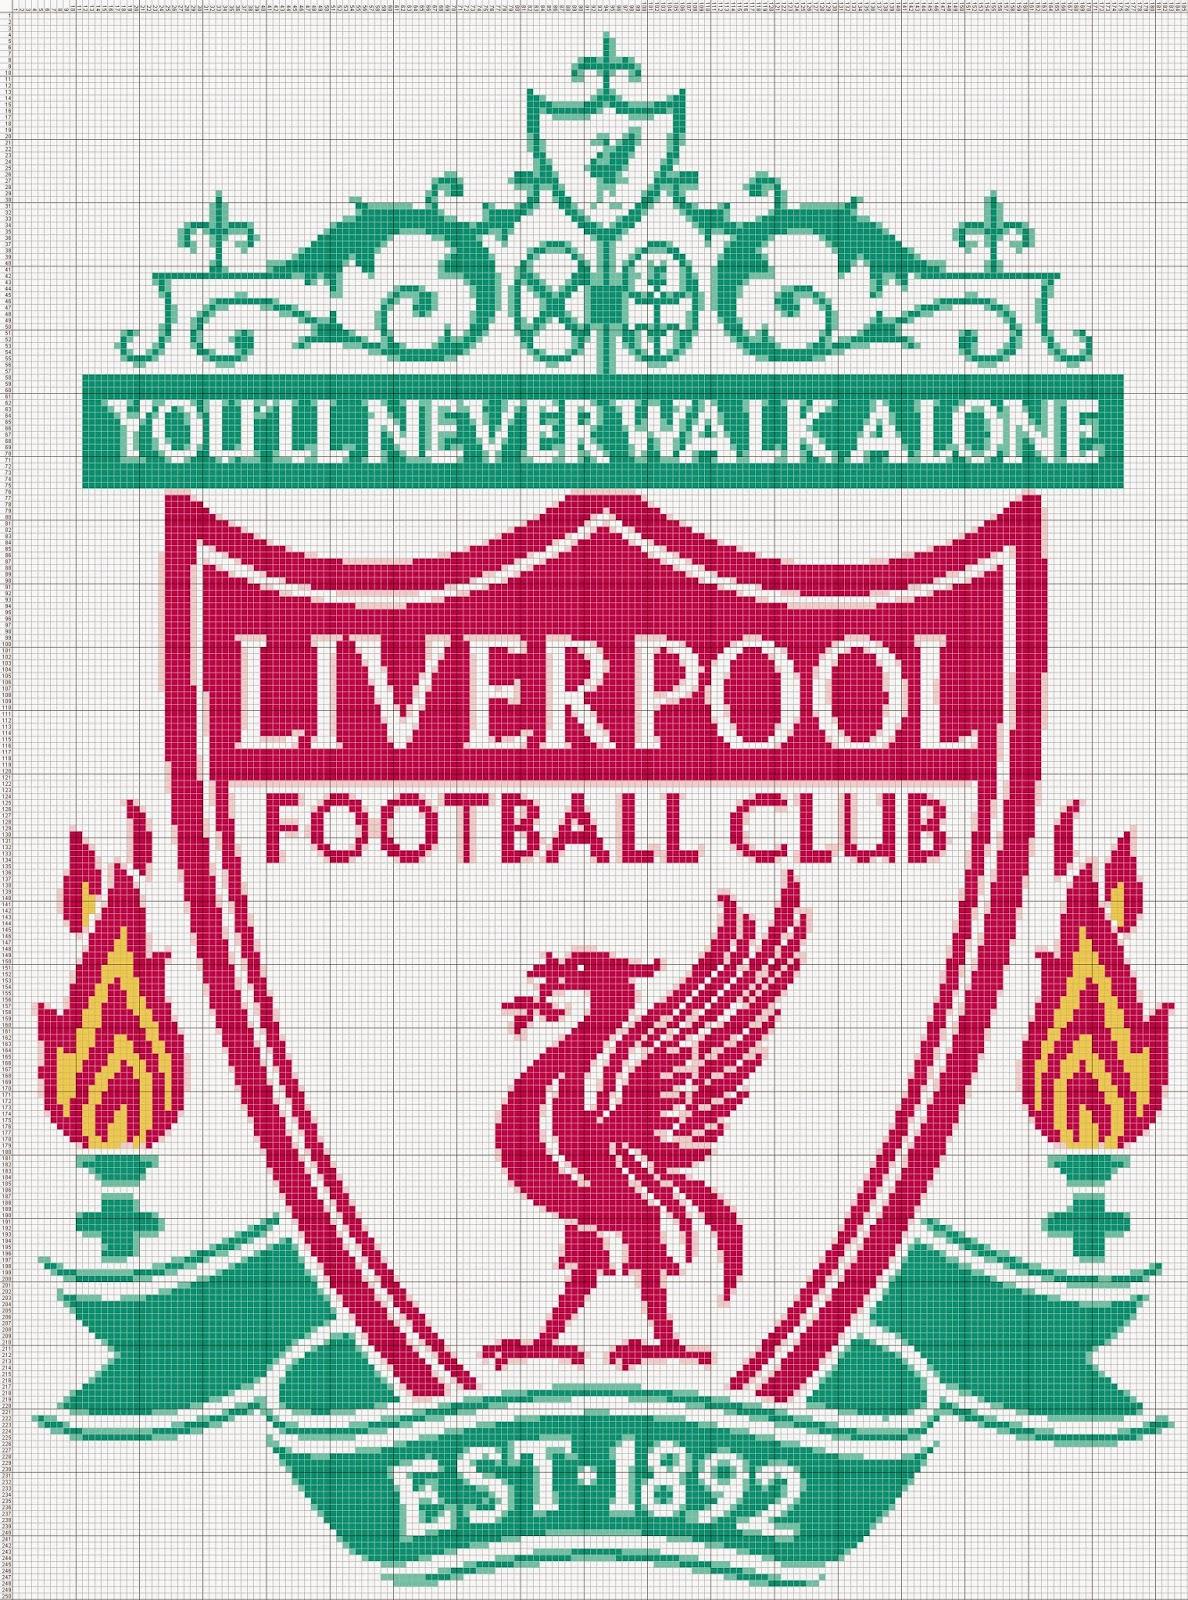 Gambar Pola Kristik Logo Klub Sepakbola Liverpool F.C. - Inggris